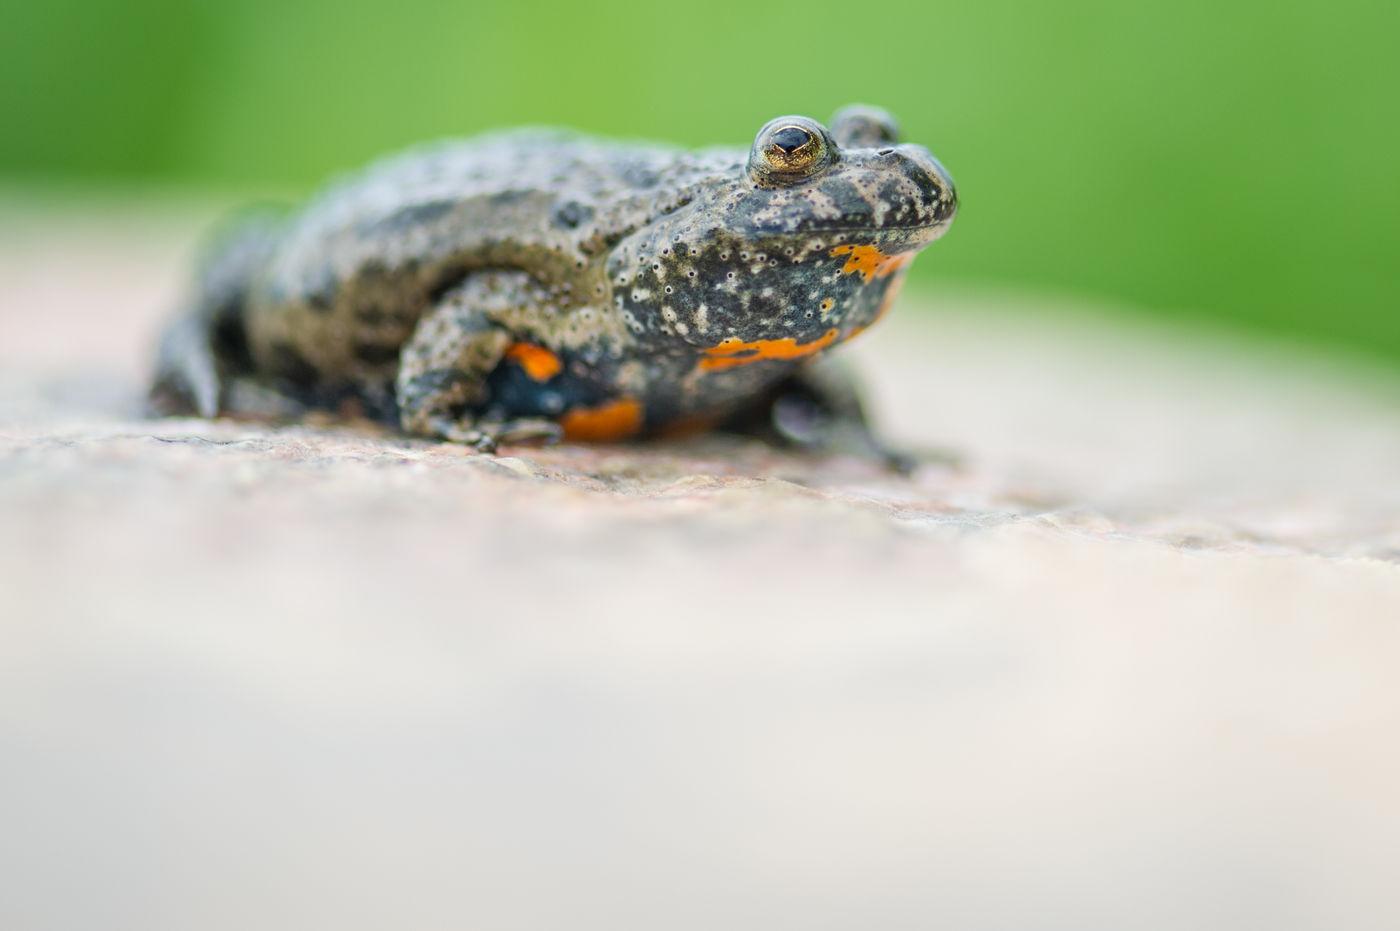 Een roodbuikvuurpad, een aantrekkelijk kikkertje (!) dat je vaak in karrensporen vindt. © Billy Herman